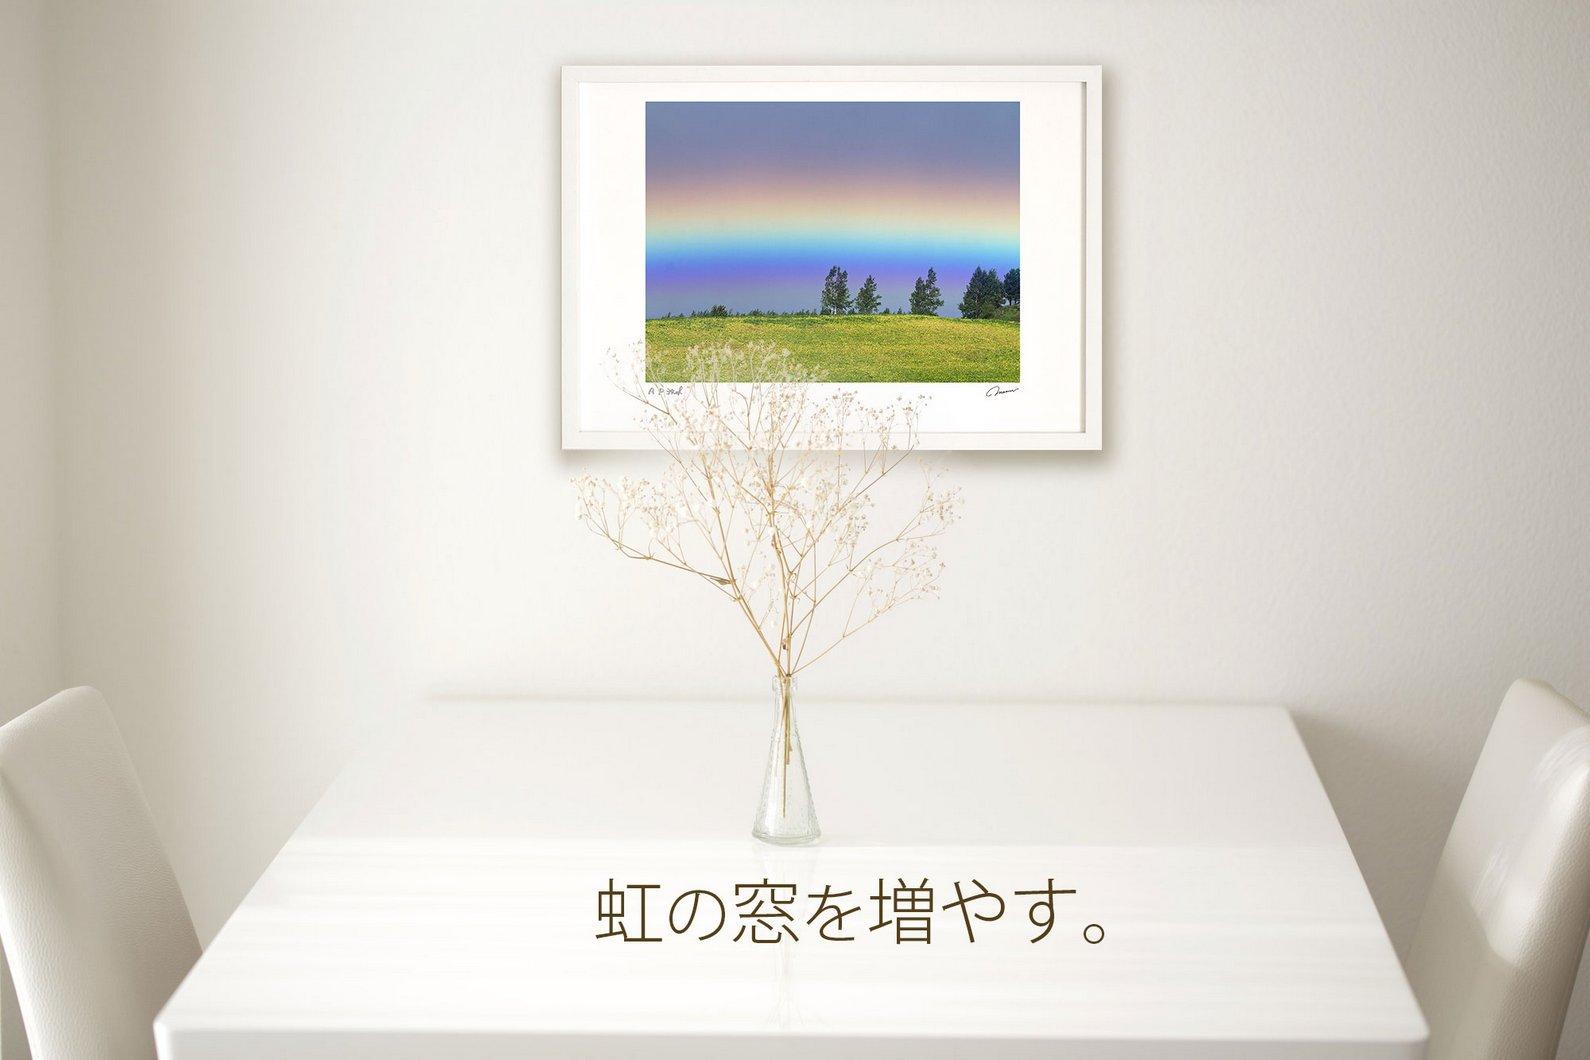 《アートフォト》クリスマスツリーの木6/美瑛町〔富良野・高橋真澄〕(レンタル対象)